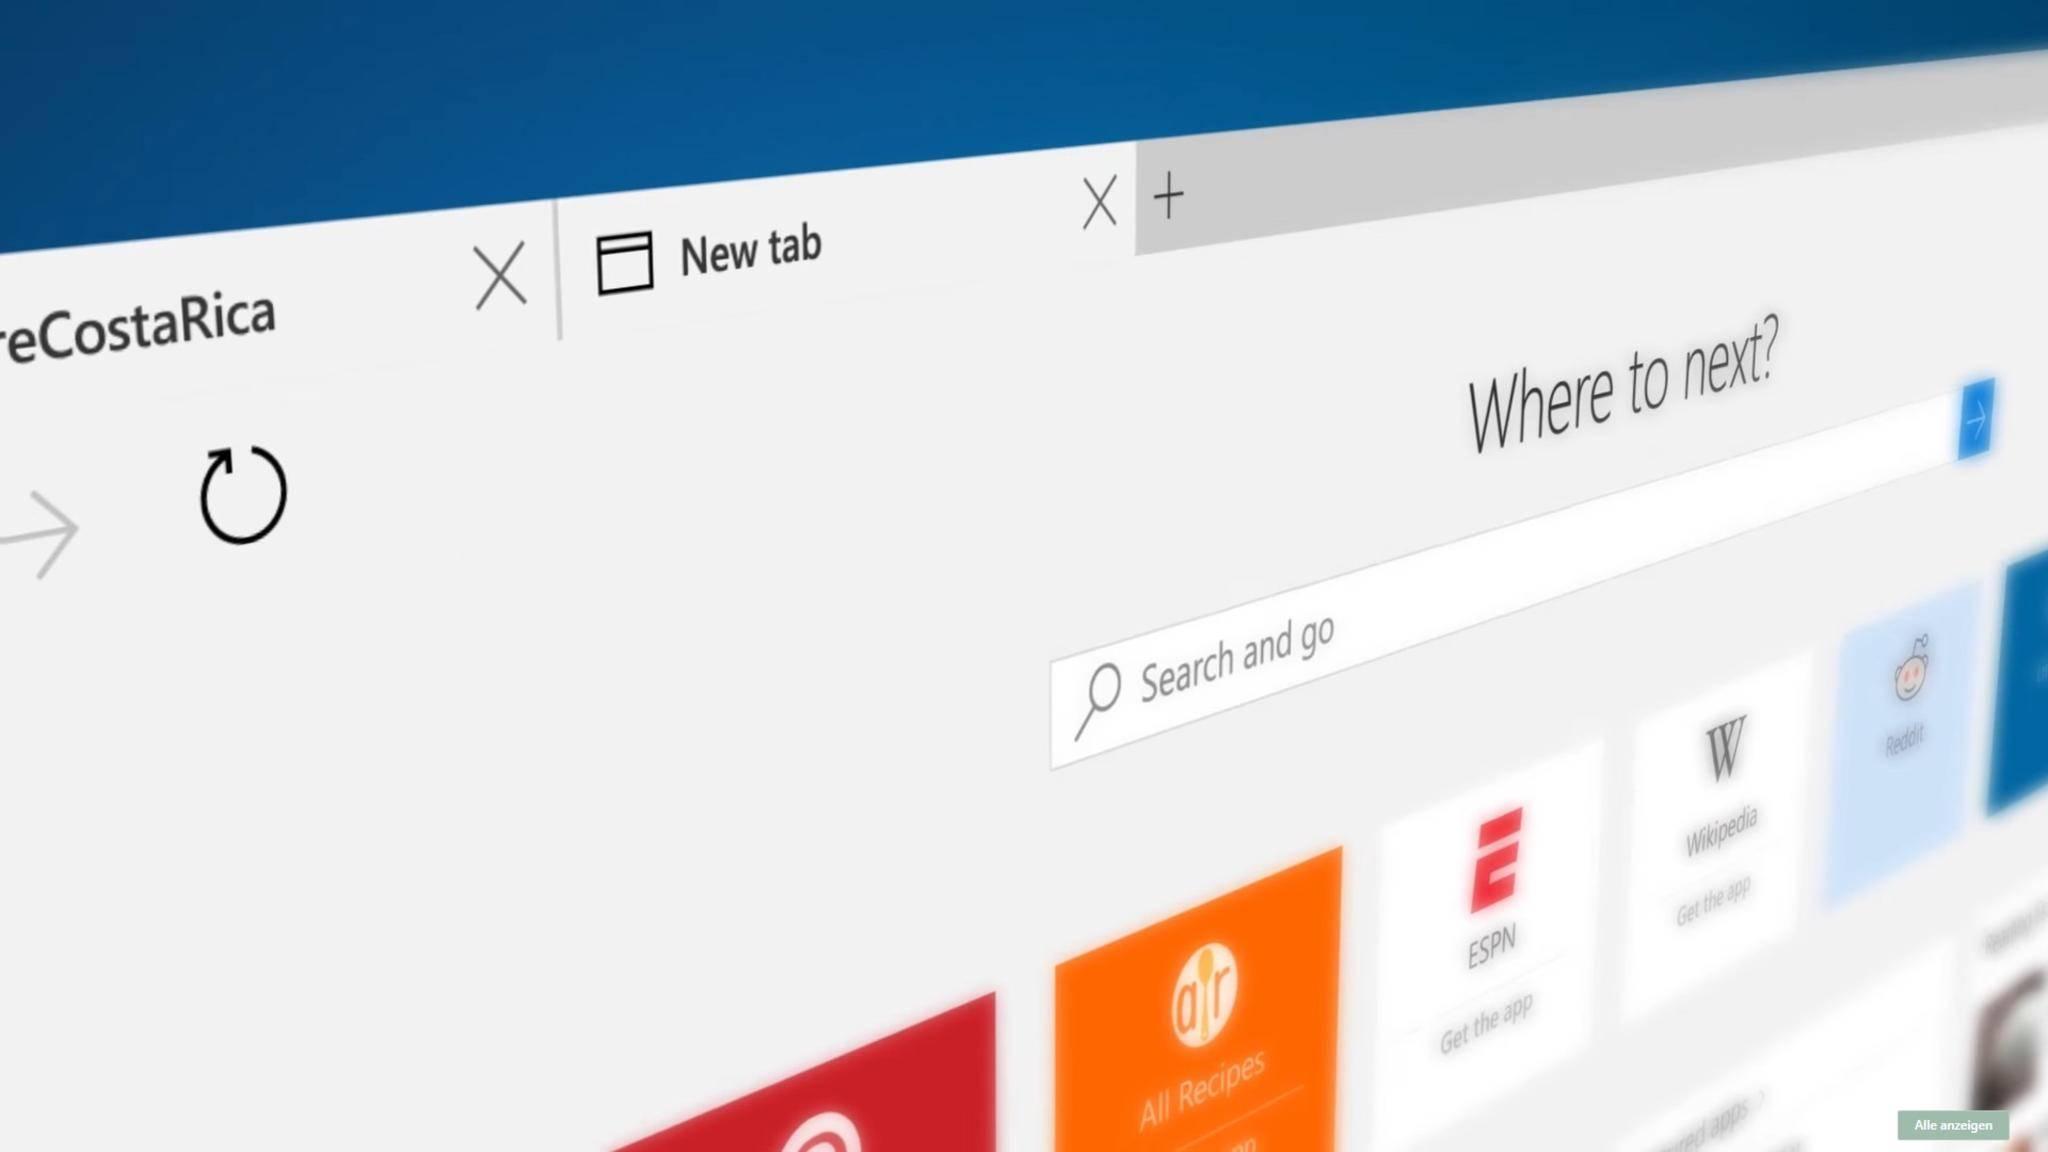 Via Sideload kannst Du in Microsoft Edge inoffizielle Erweiterungen installieren.